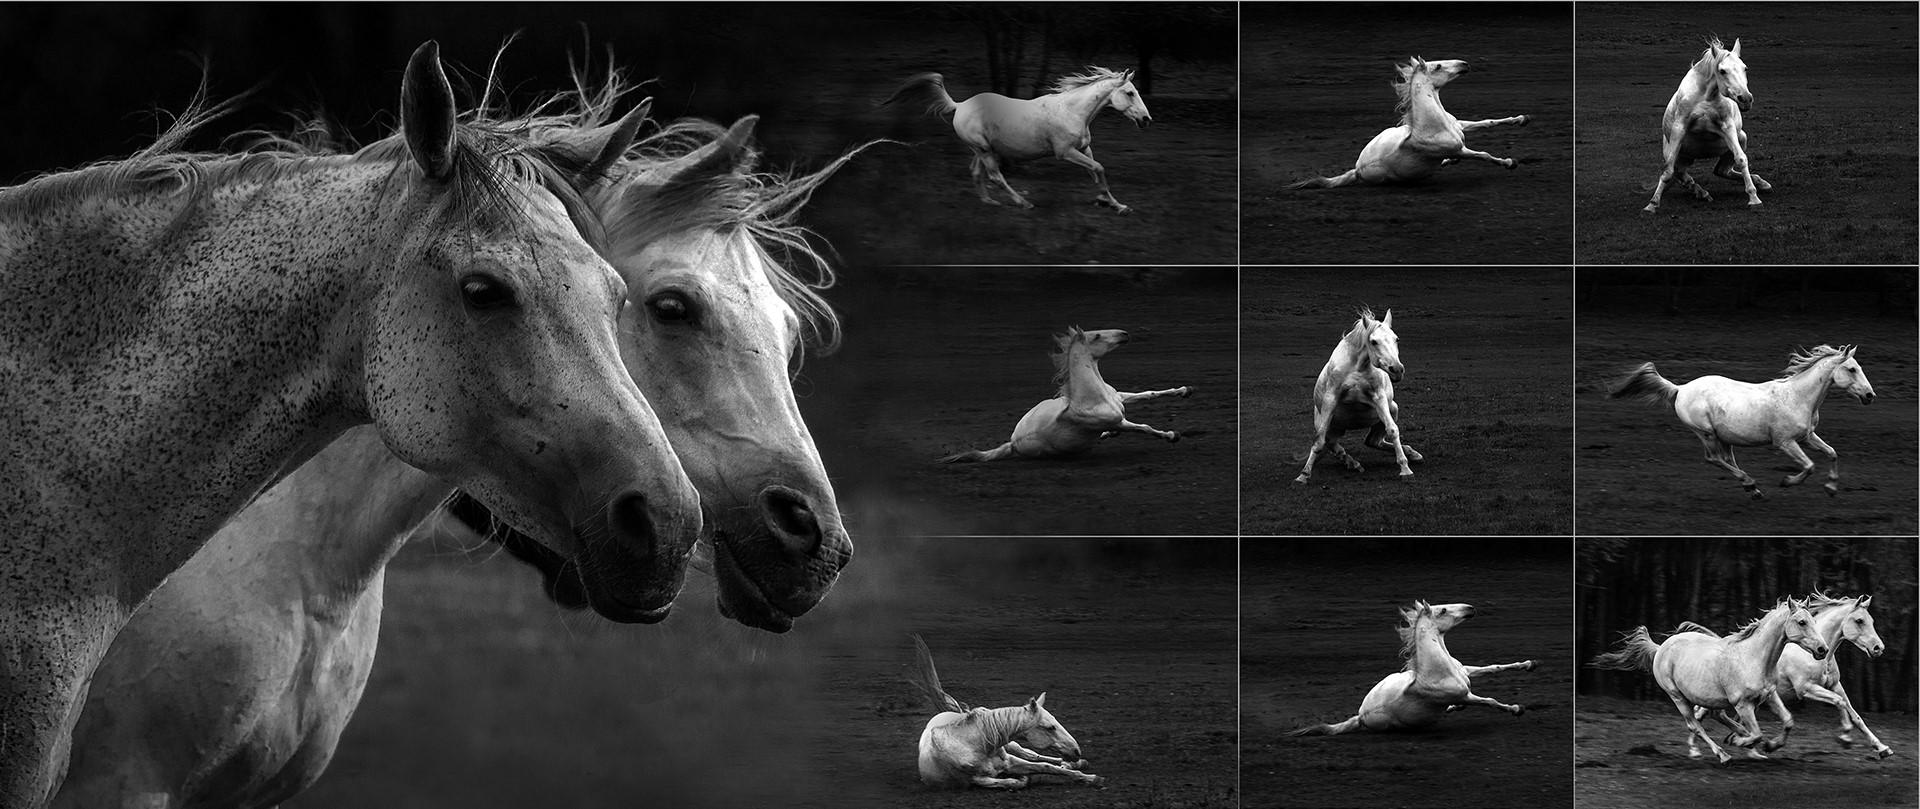 Eifert János: Két dühös ló története / The story of two angry horse 2. (Bocska, 2018) Versio: 2018.12.07. Változat: 2018.12.07.